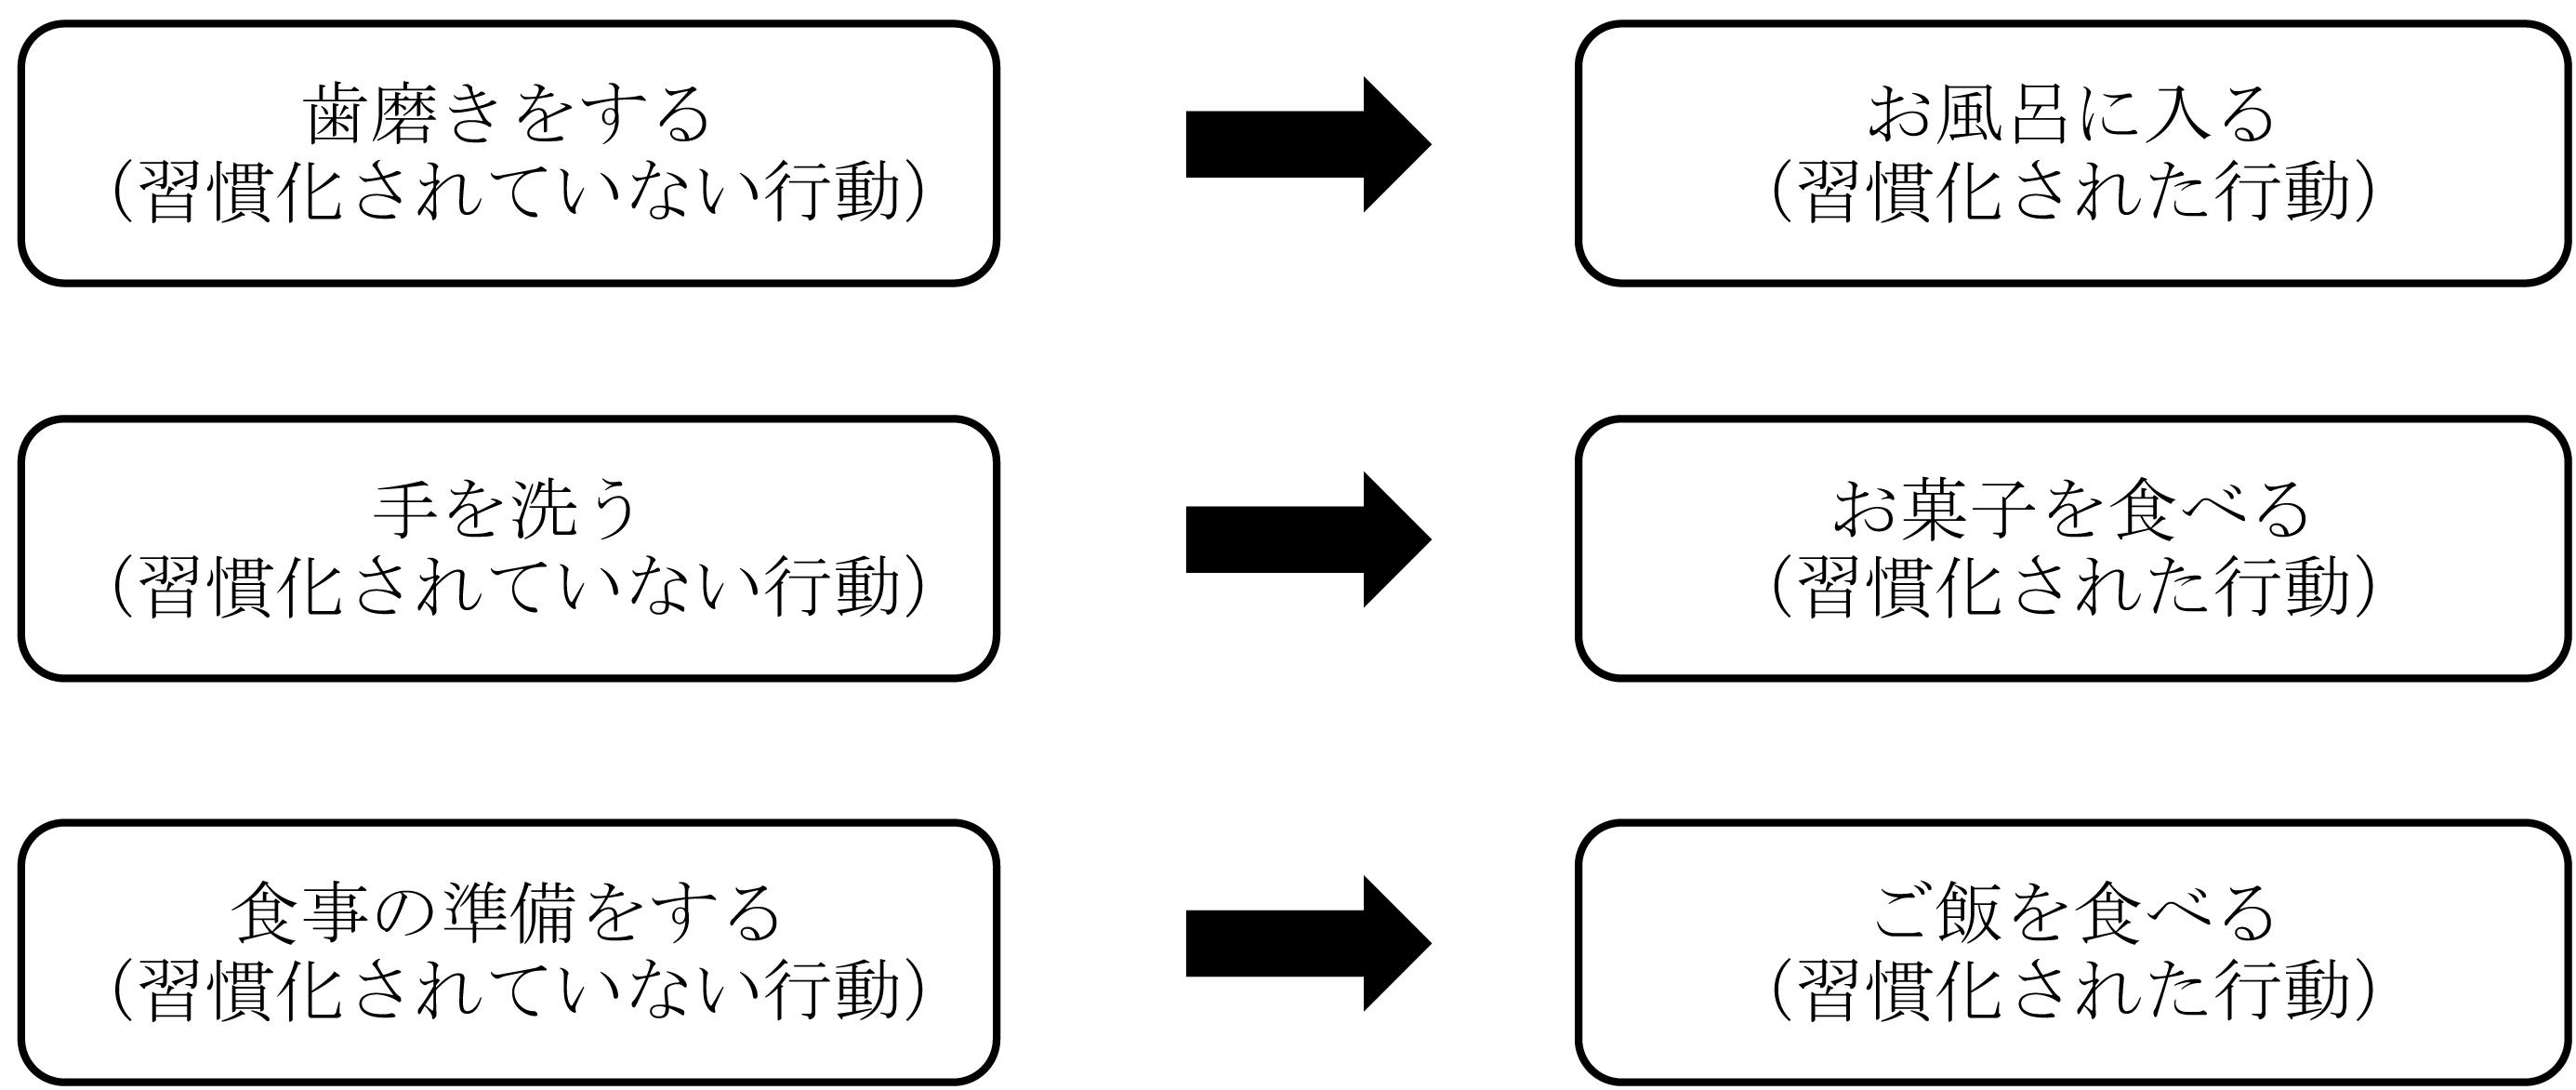 プレマックの原理の例